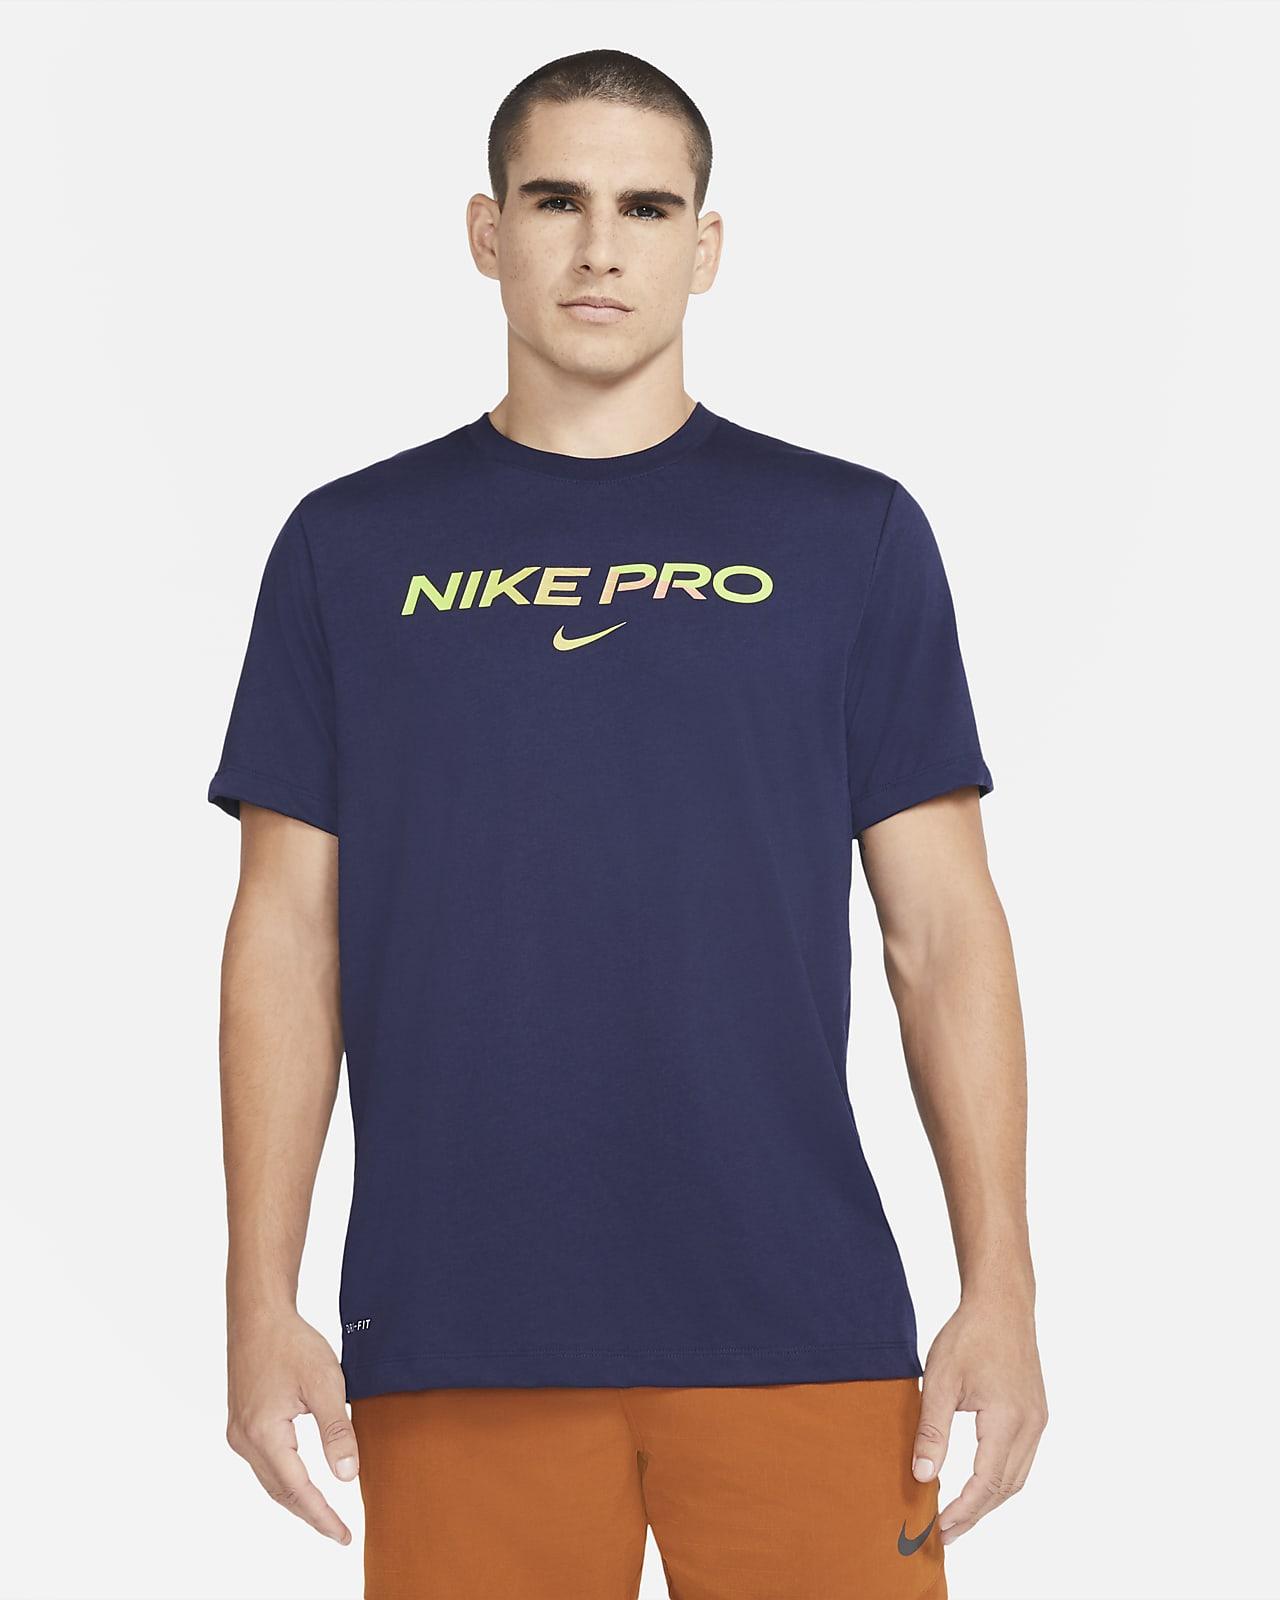 Nike Pro T-shirt voor heren